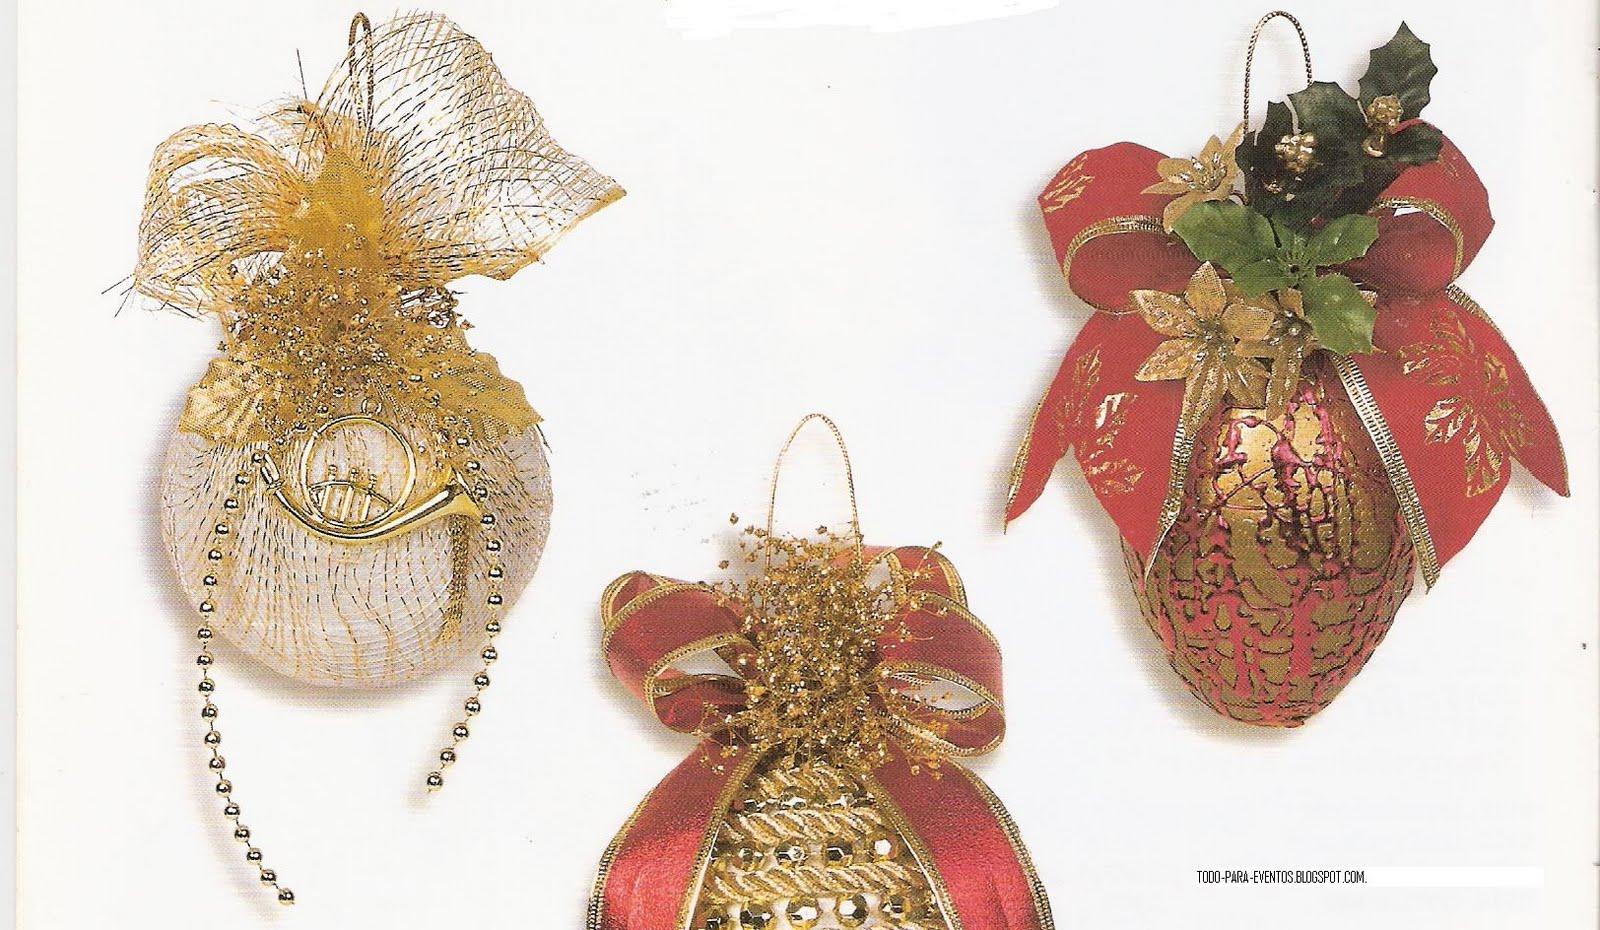 Todo para eventos julio 2011 - Como decorar la corona de adviento ...